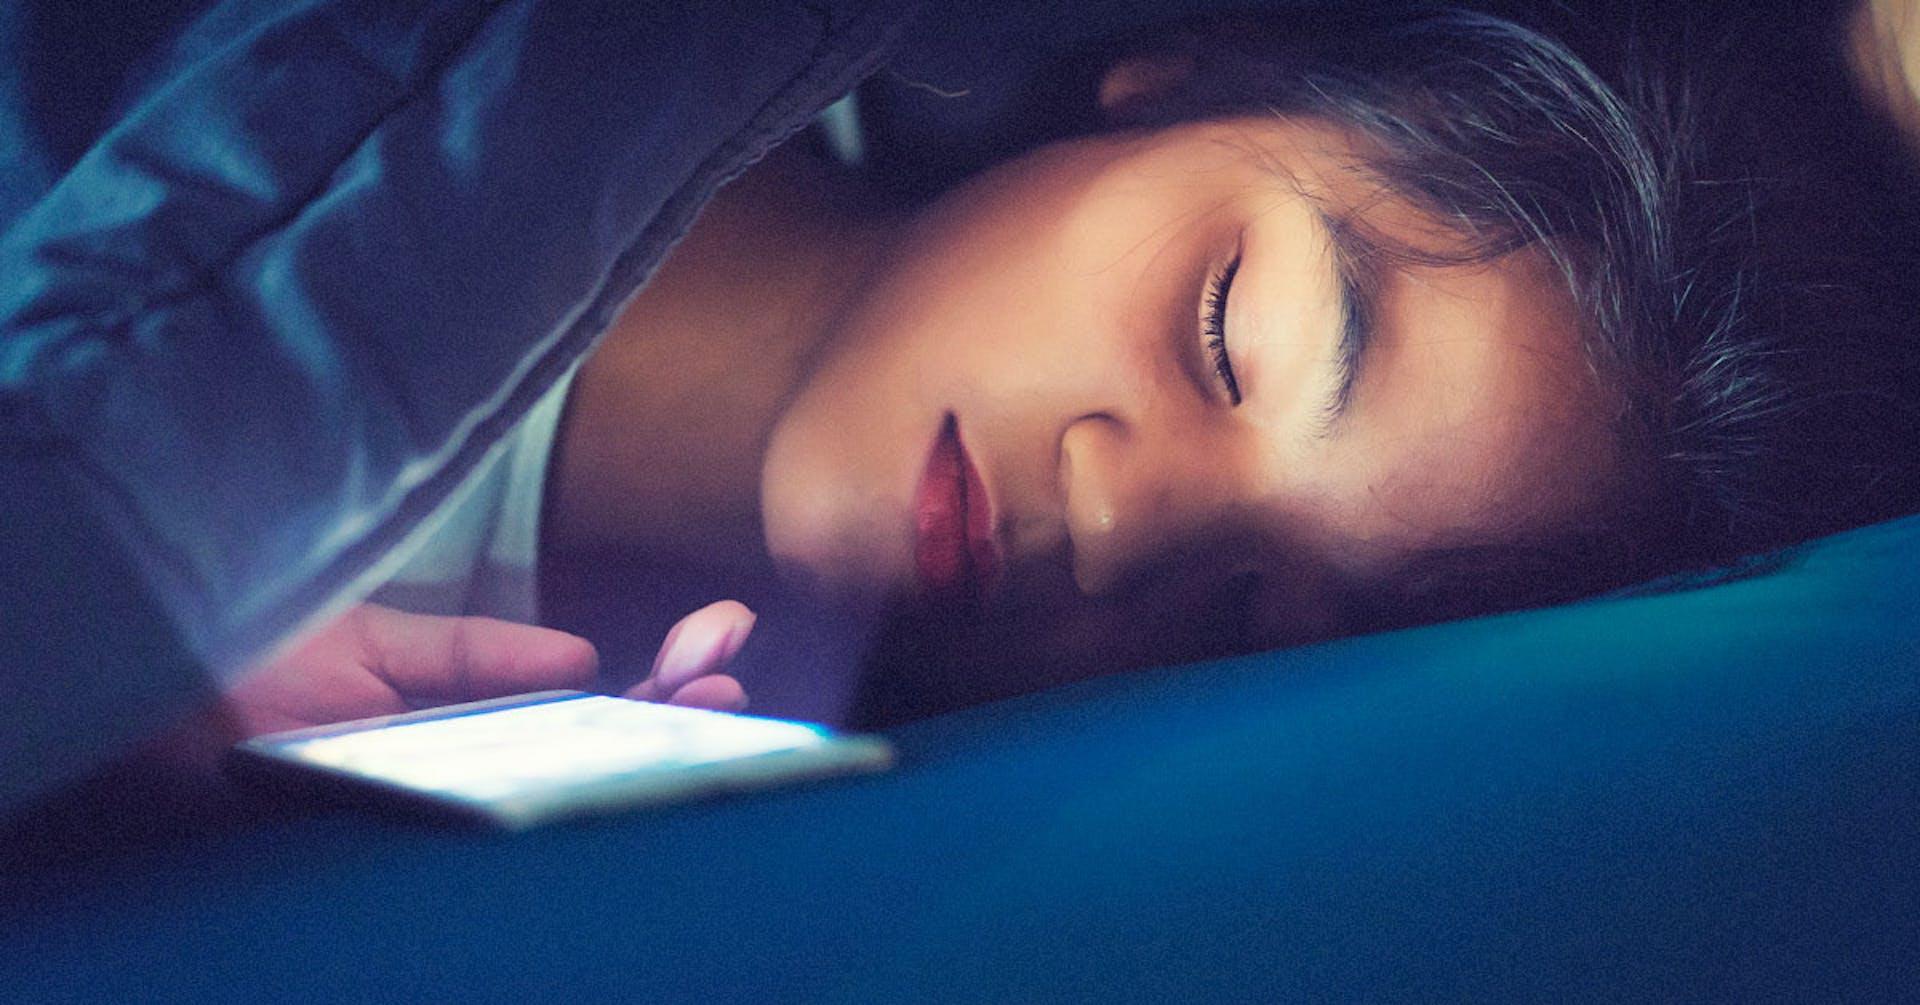 Descubre a qué edad los niños empiezan a usar smartphones: ¿qué dicen los padres?